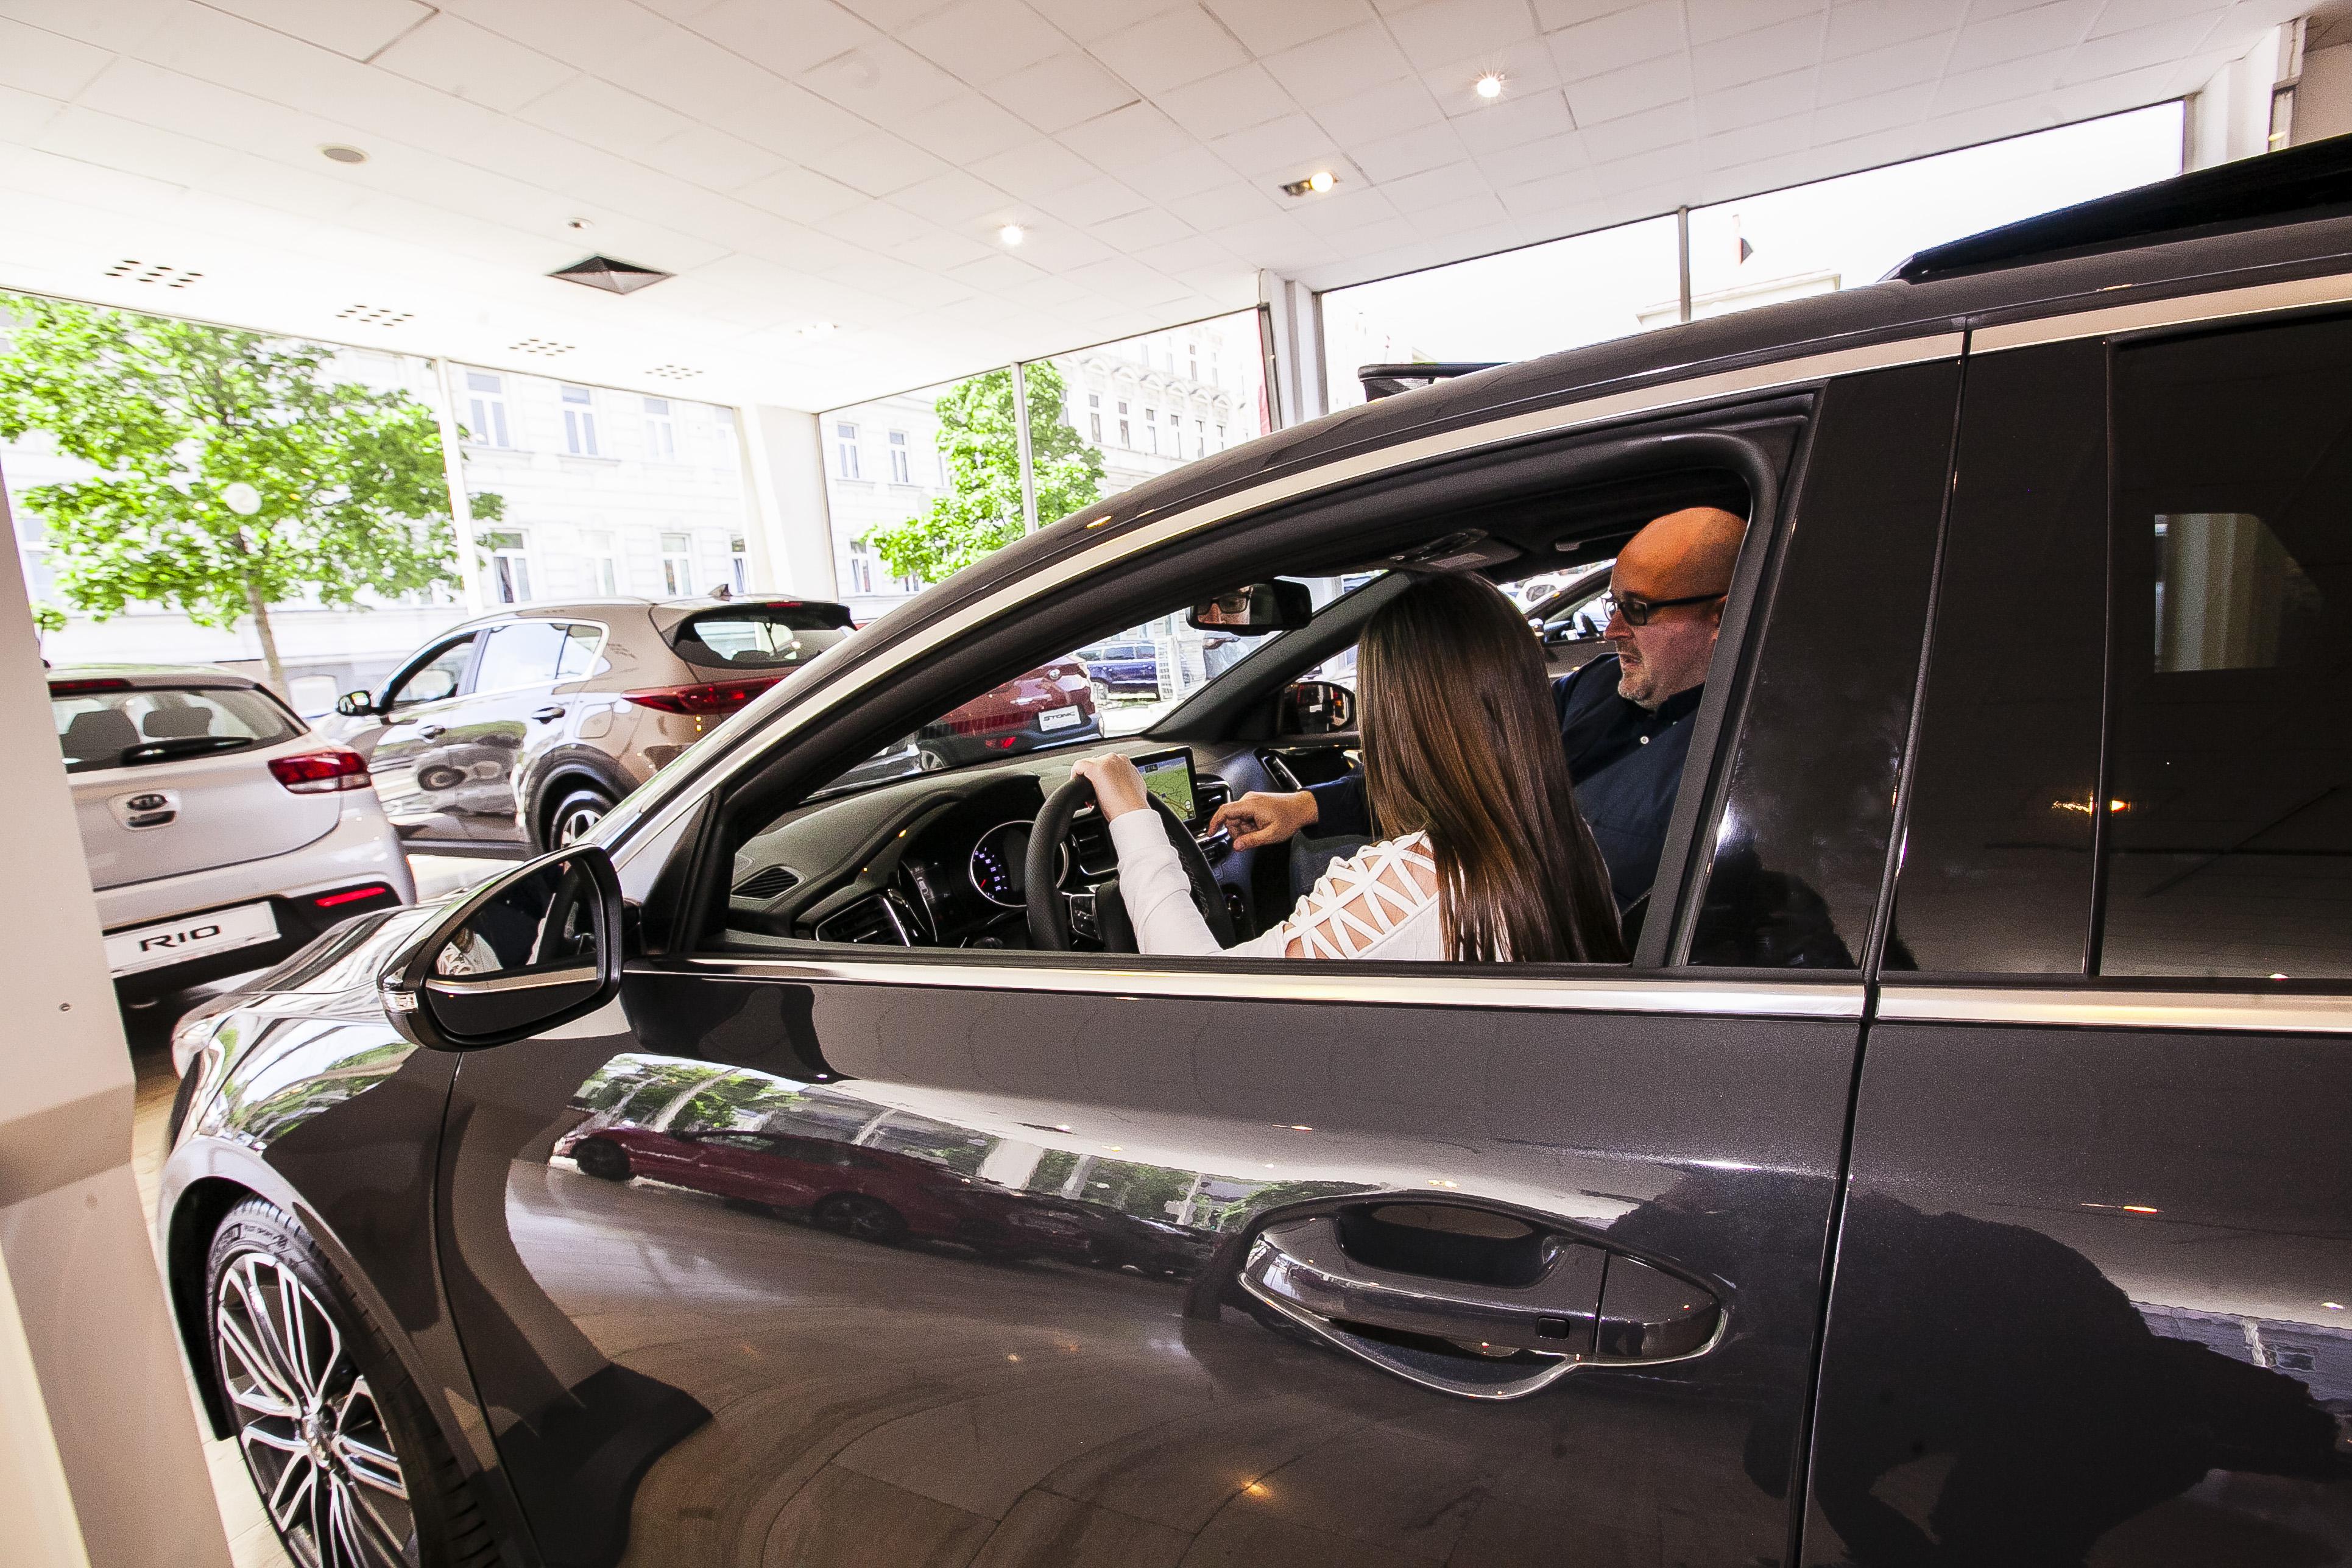 Auto Stahl Wien 20 Verkäufer Silviu Ionescu